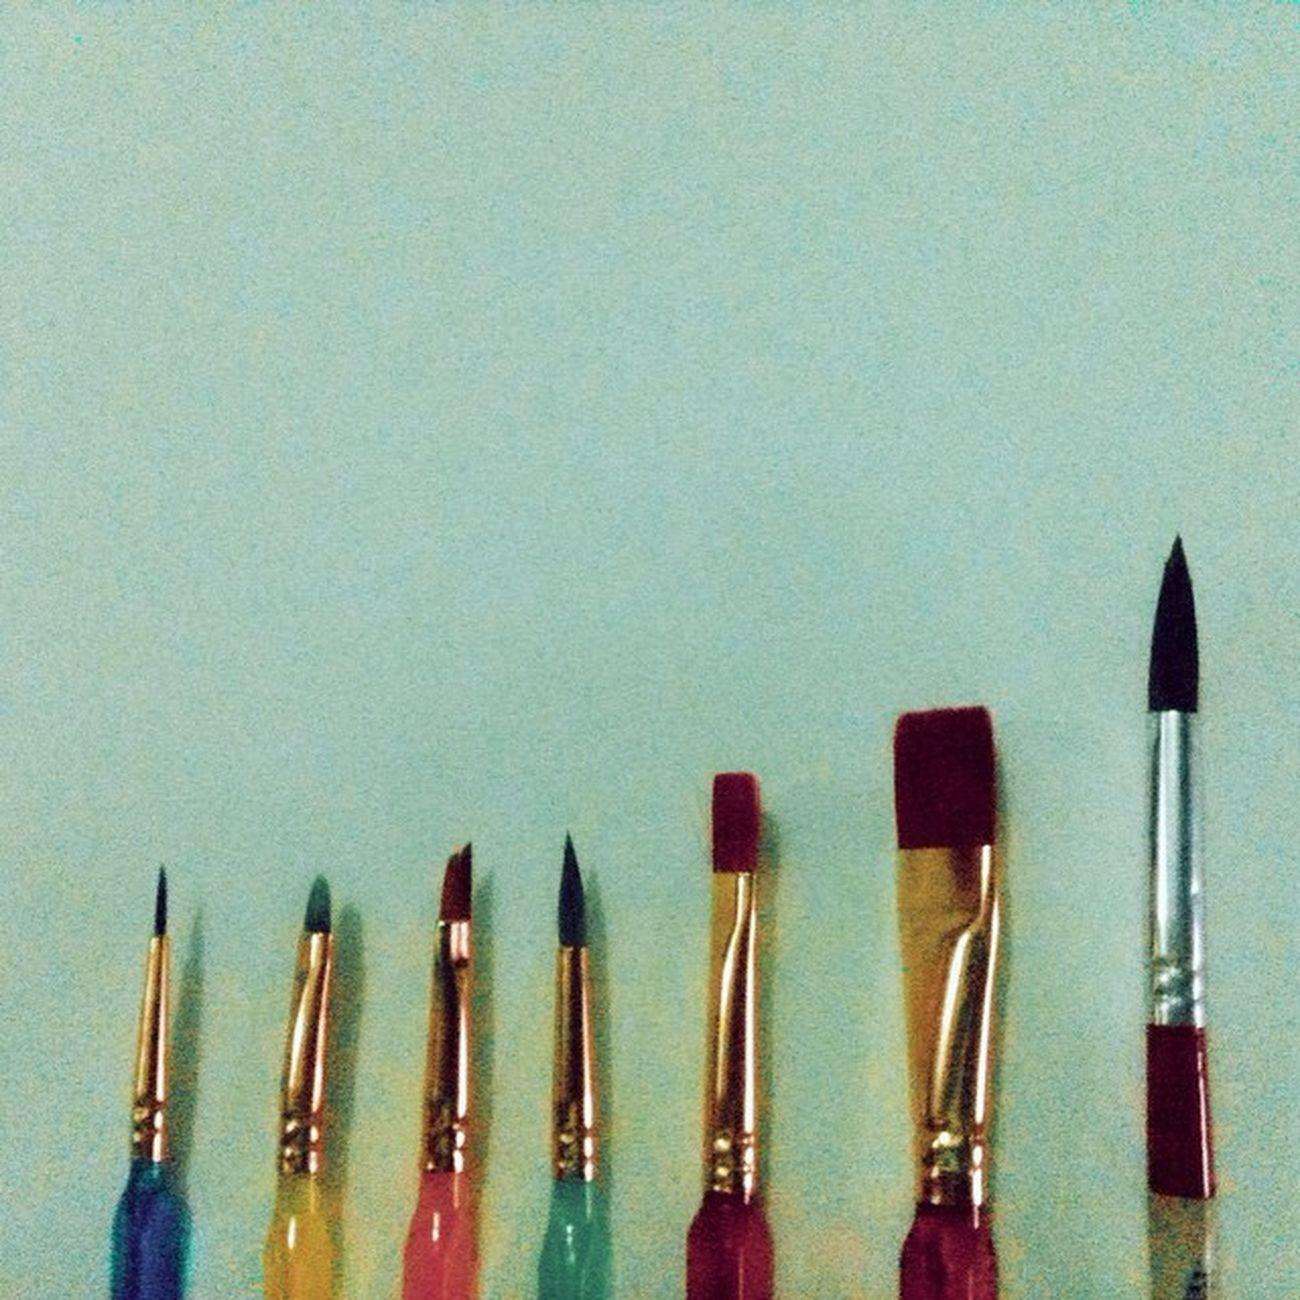 Kung kelan patapos na ang finals tsaka bumili ng paint brush. 😂🎨 Fordesignperspective Worthit VSCO Vscocam